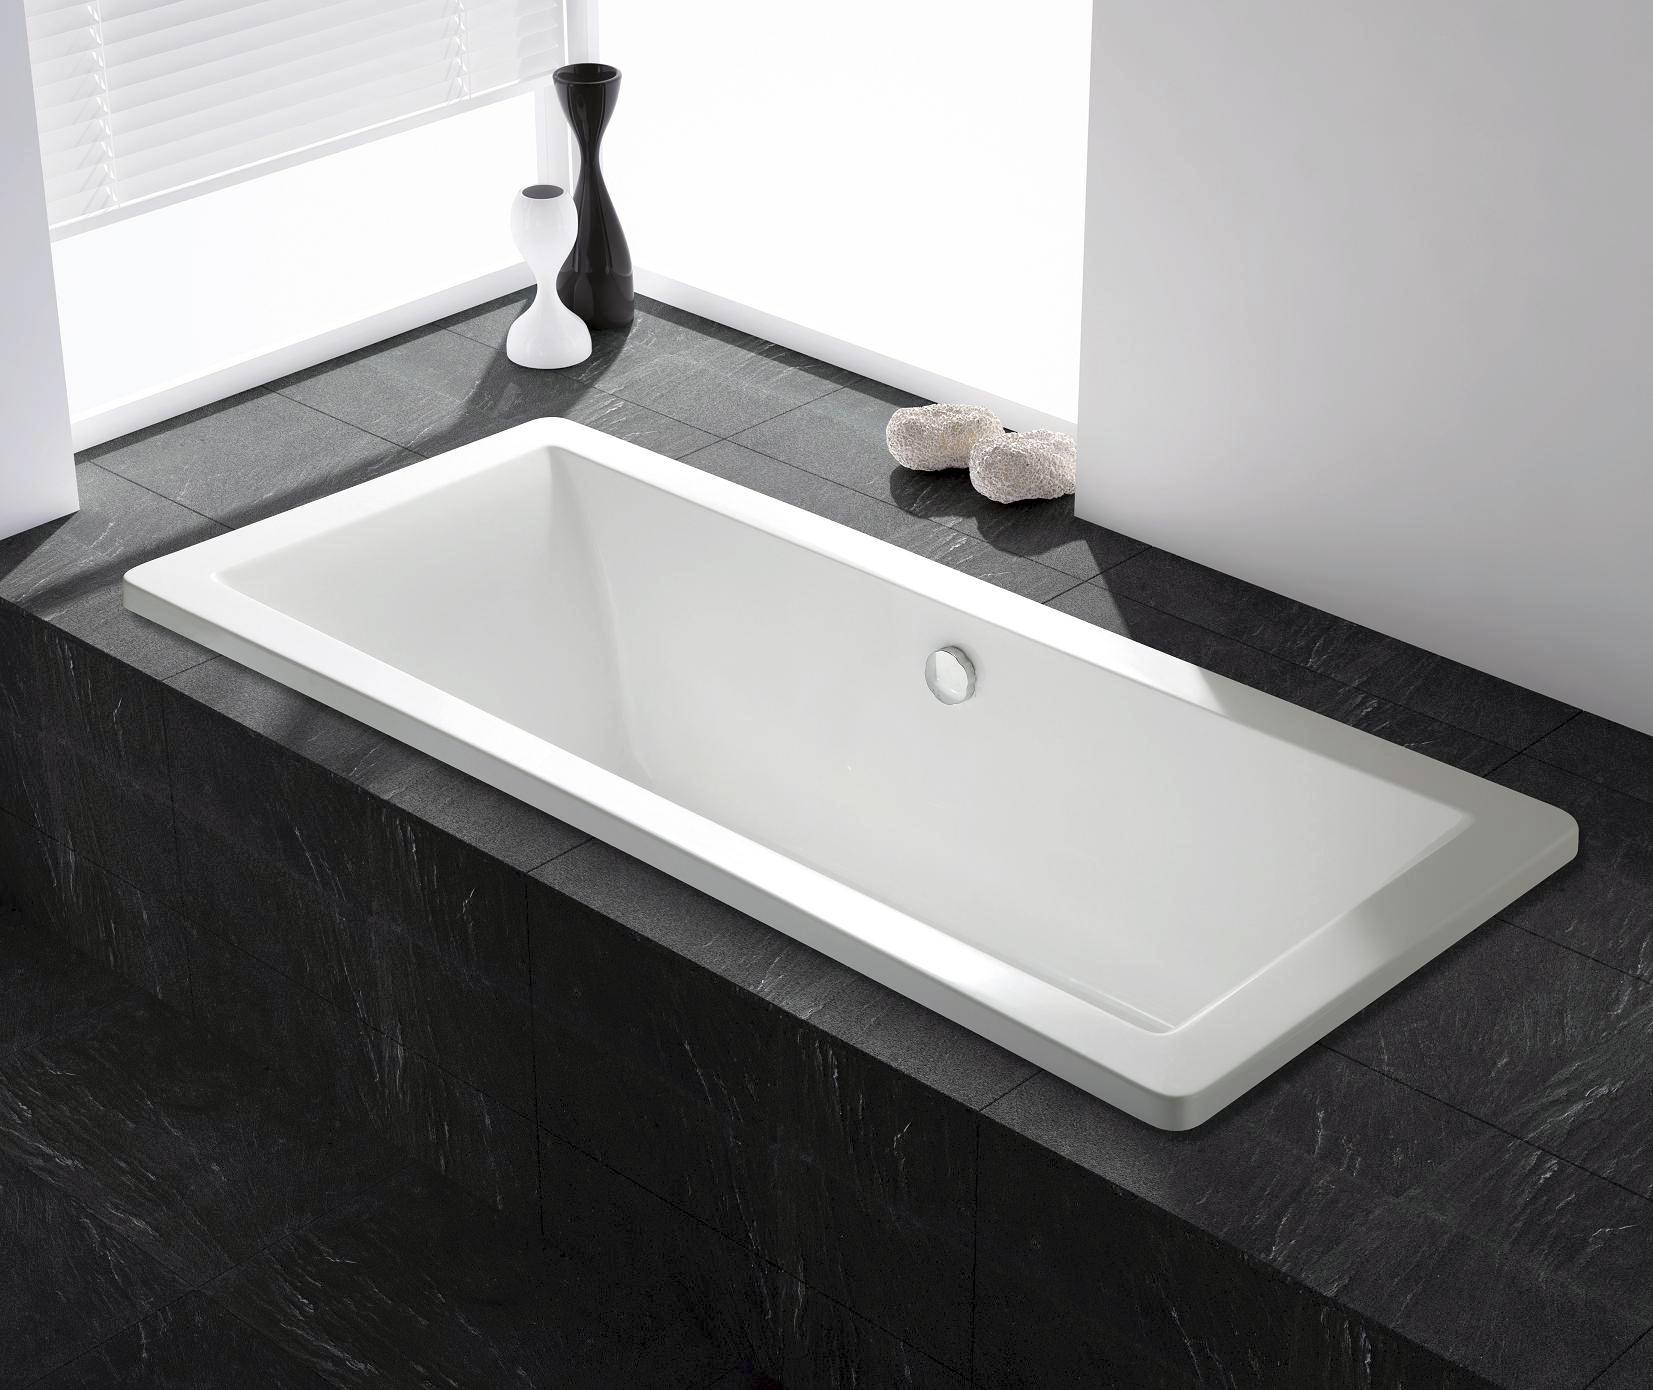 bernstein acryl badewanne 150 180cm gestell ab berlauf zulauf viega ebay. Black Bedroom Furniture Sets. Home Design Ideas